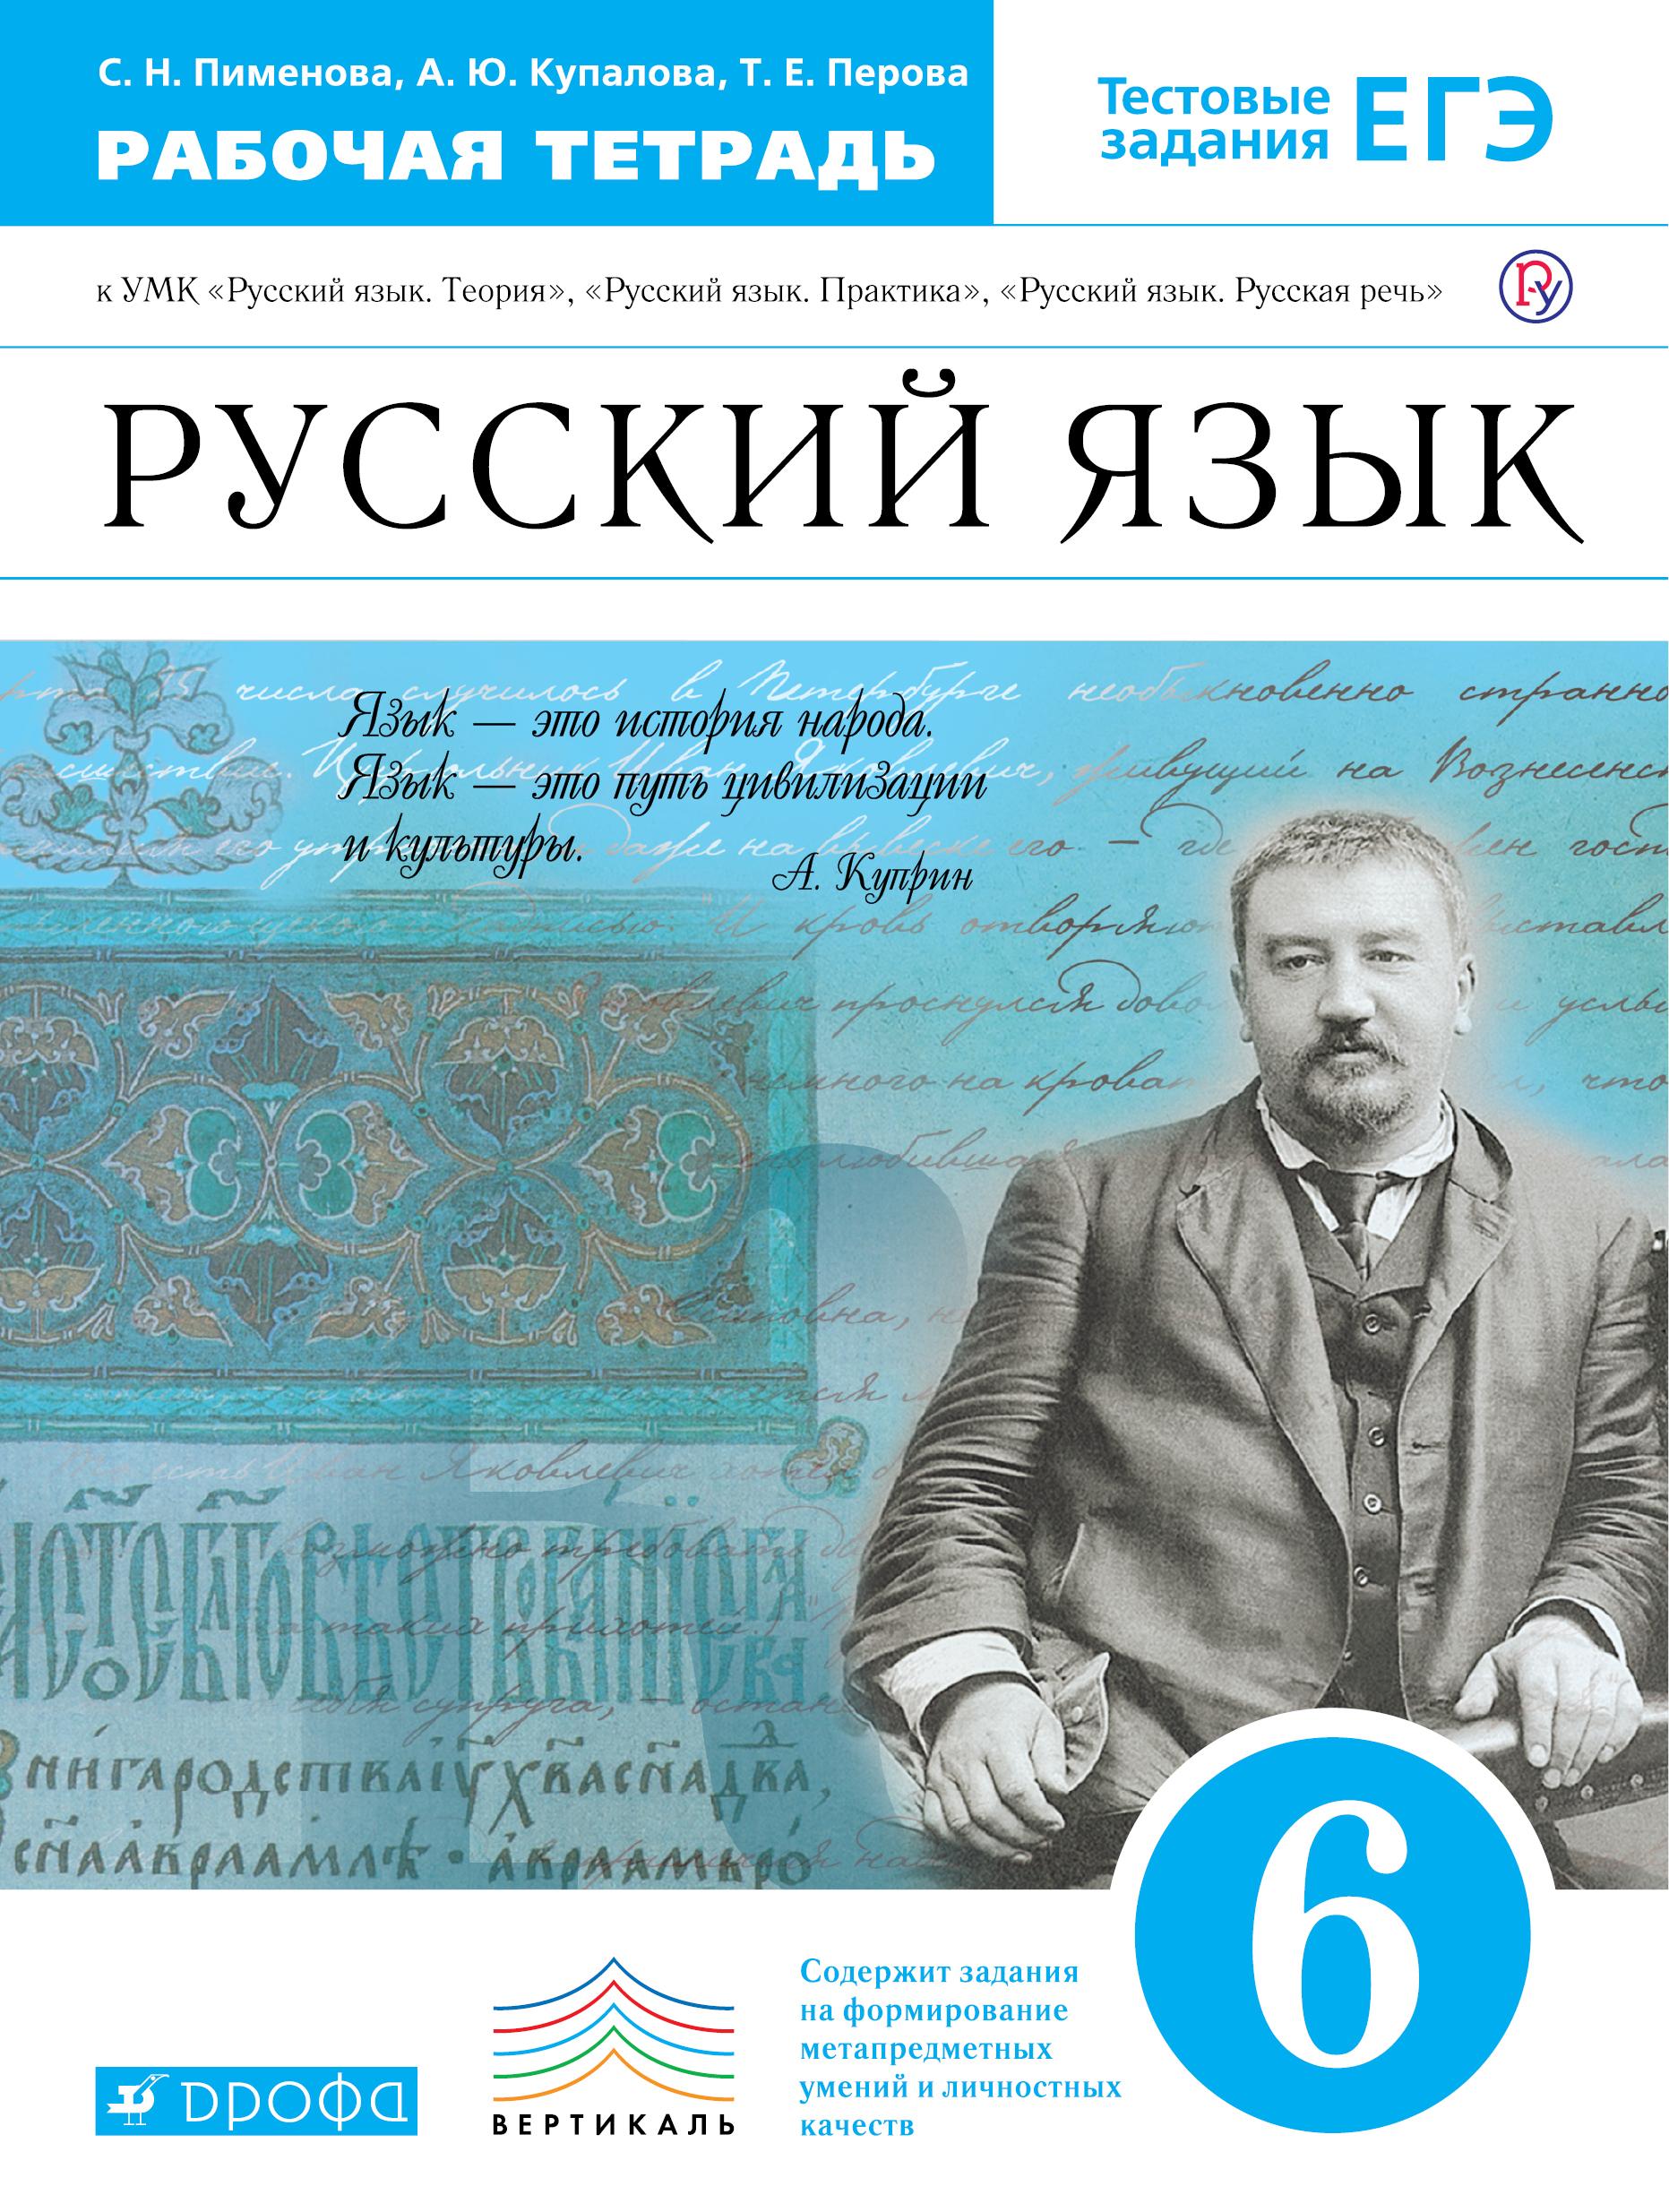 Решебник по русскому языку 6 класс купалова 4 фотография